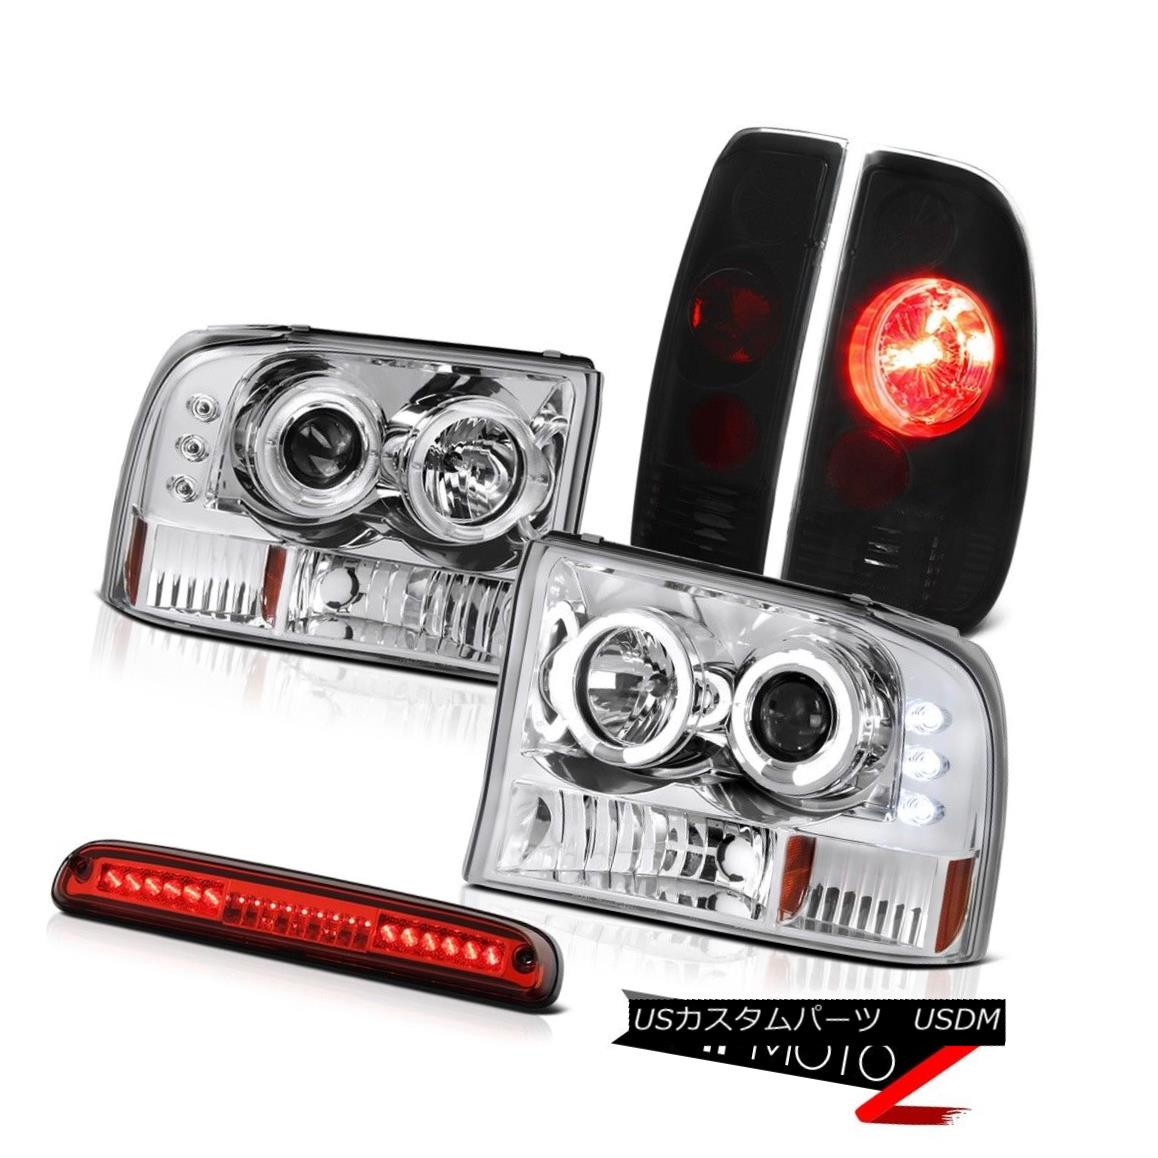 テールライト Headlight Halo DRL LED Sinister Black TailLight Brake Cargo 99-04 Ford SuperDuty ヘッドライトHalo DRL LED Sinister Black TailLightブレーキカーゴ99-04 Ford SuperDuty